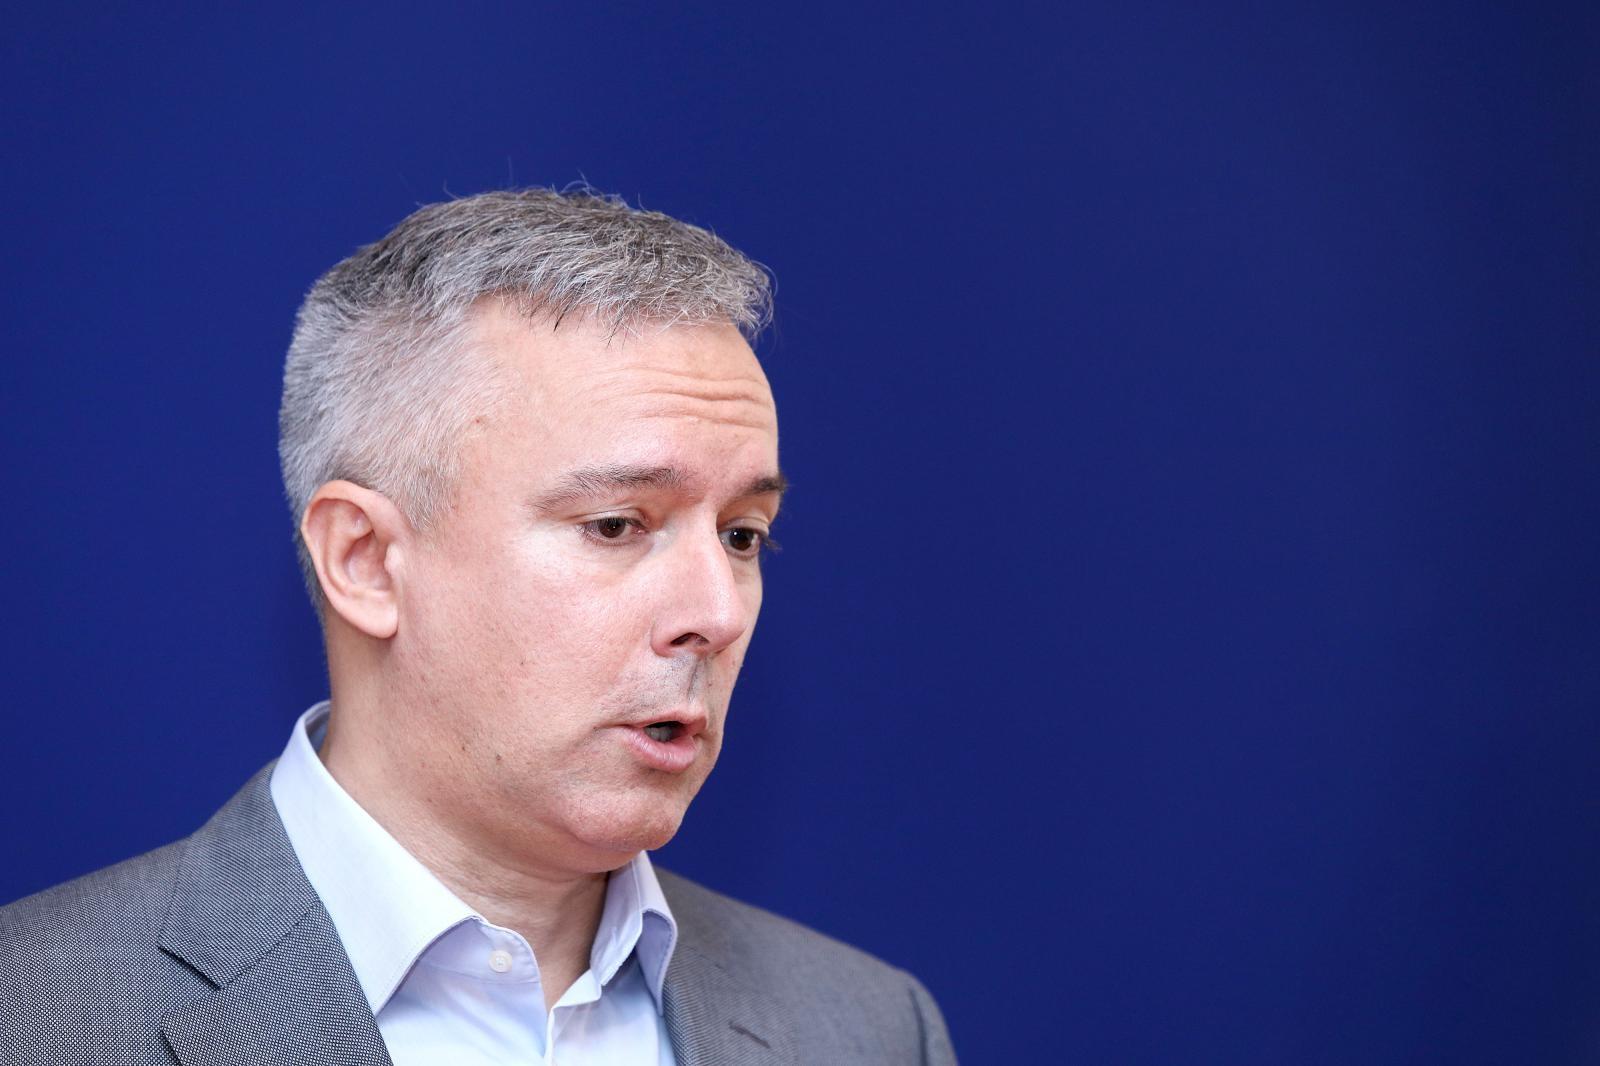 KOSOR 'Svi koji su glasali za proračun više nisu članovi kluba'